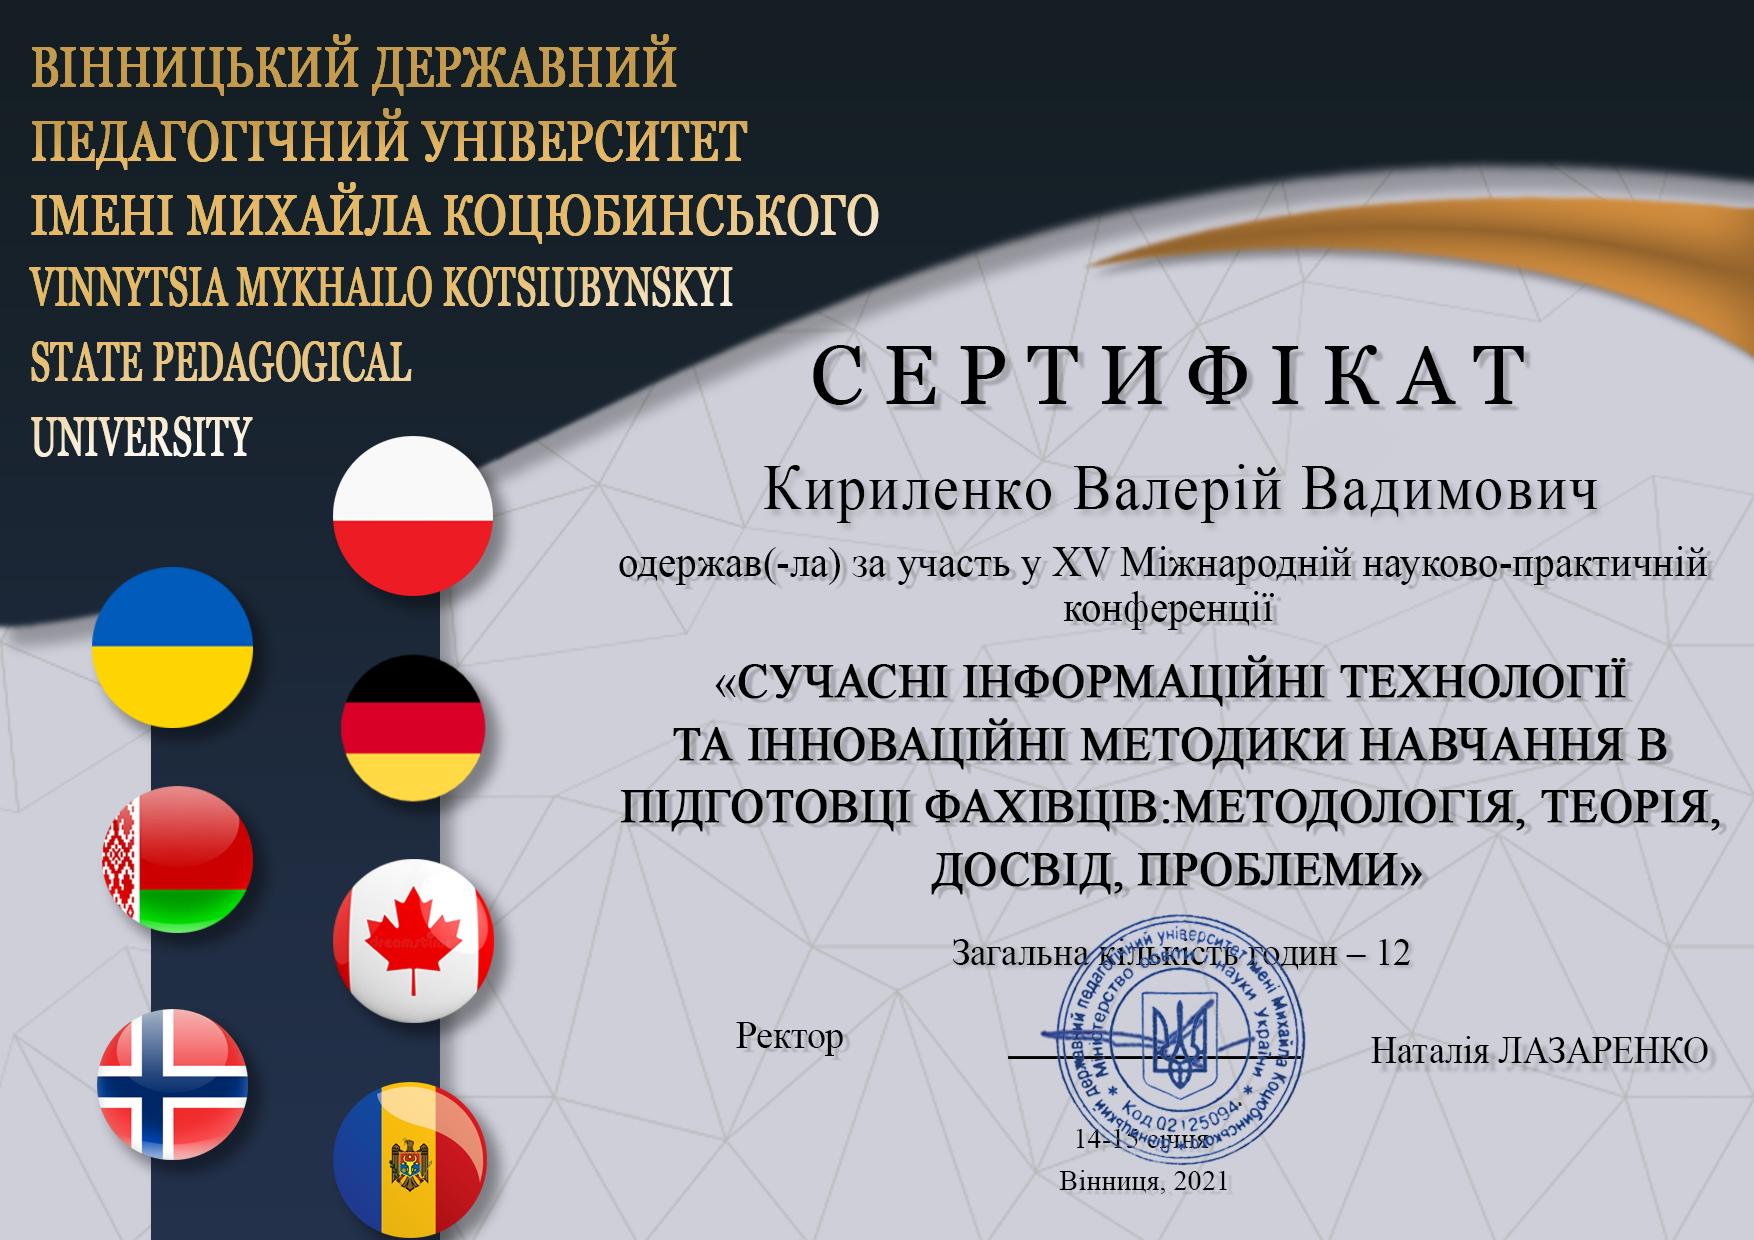 Кириленко Валерій Вадимович